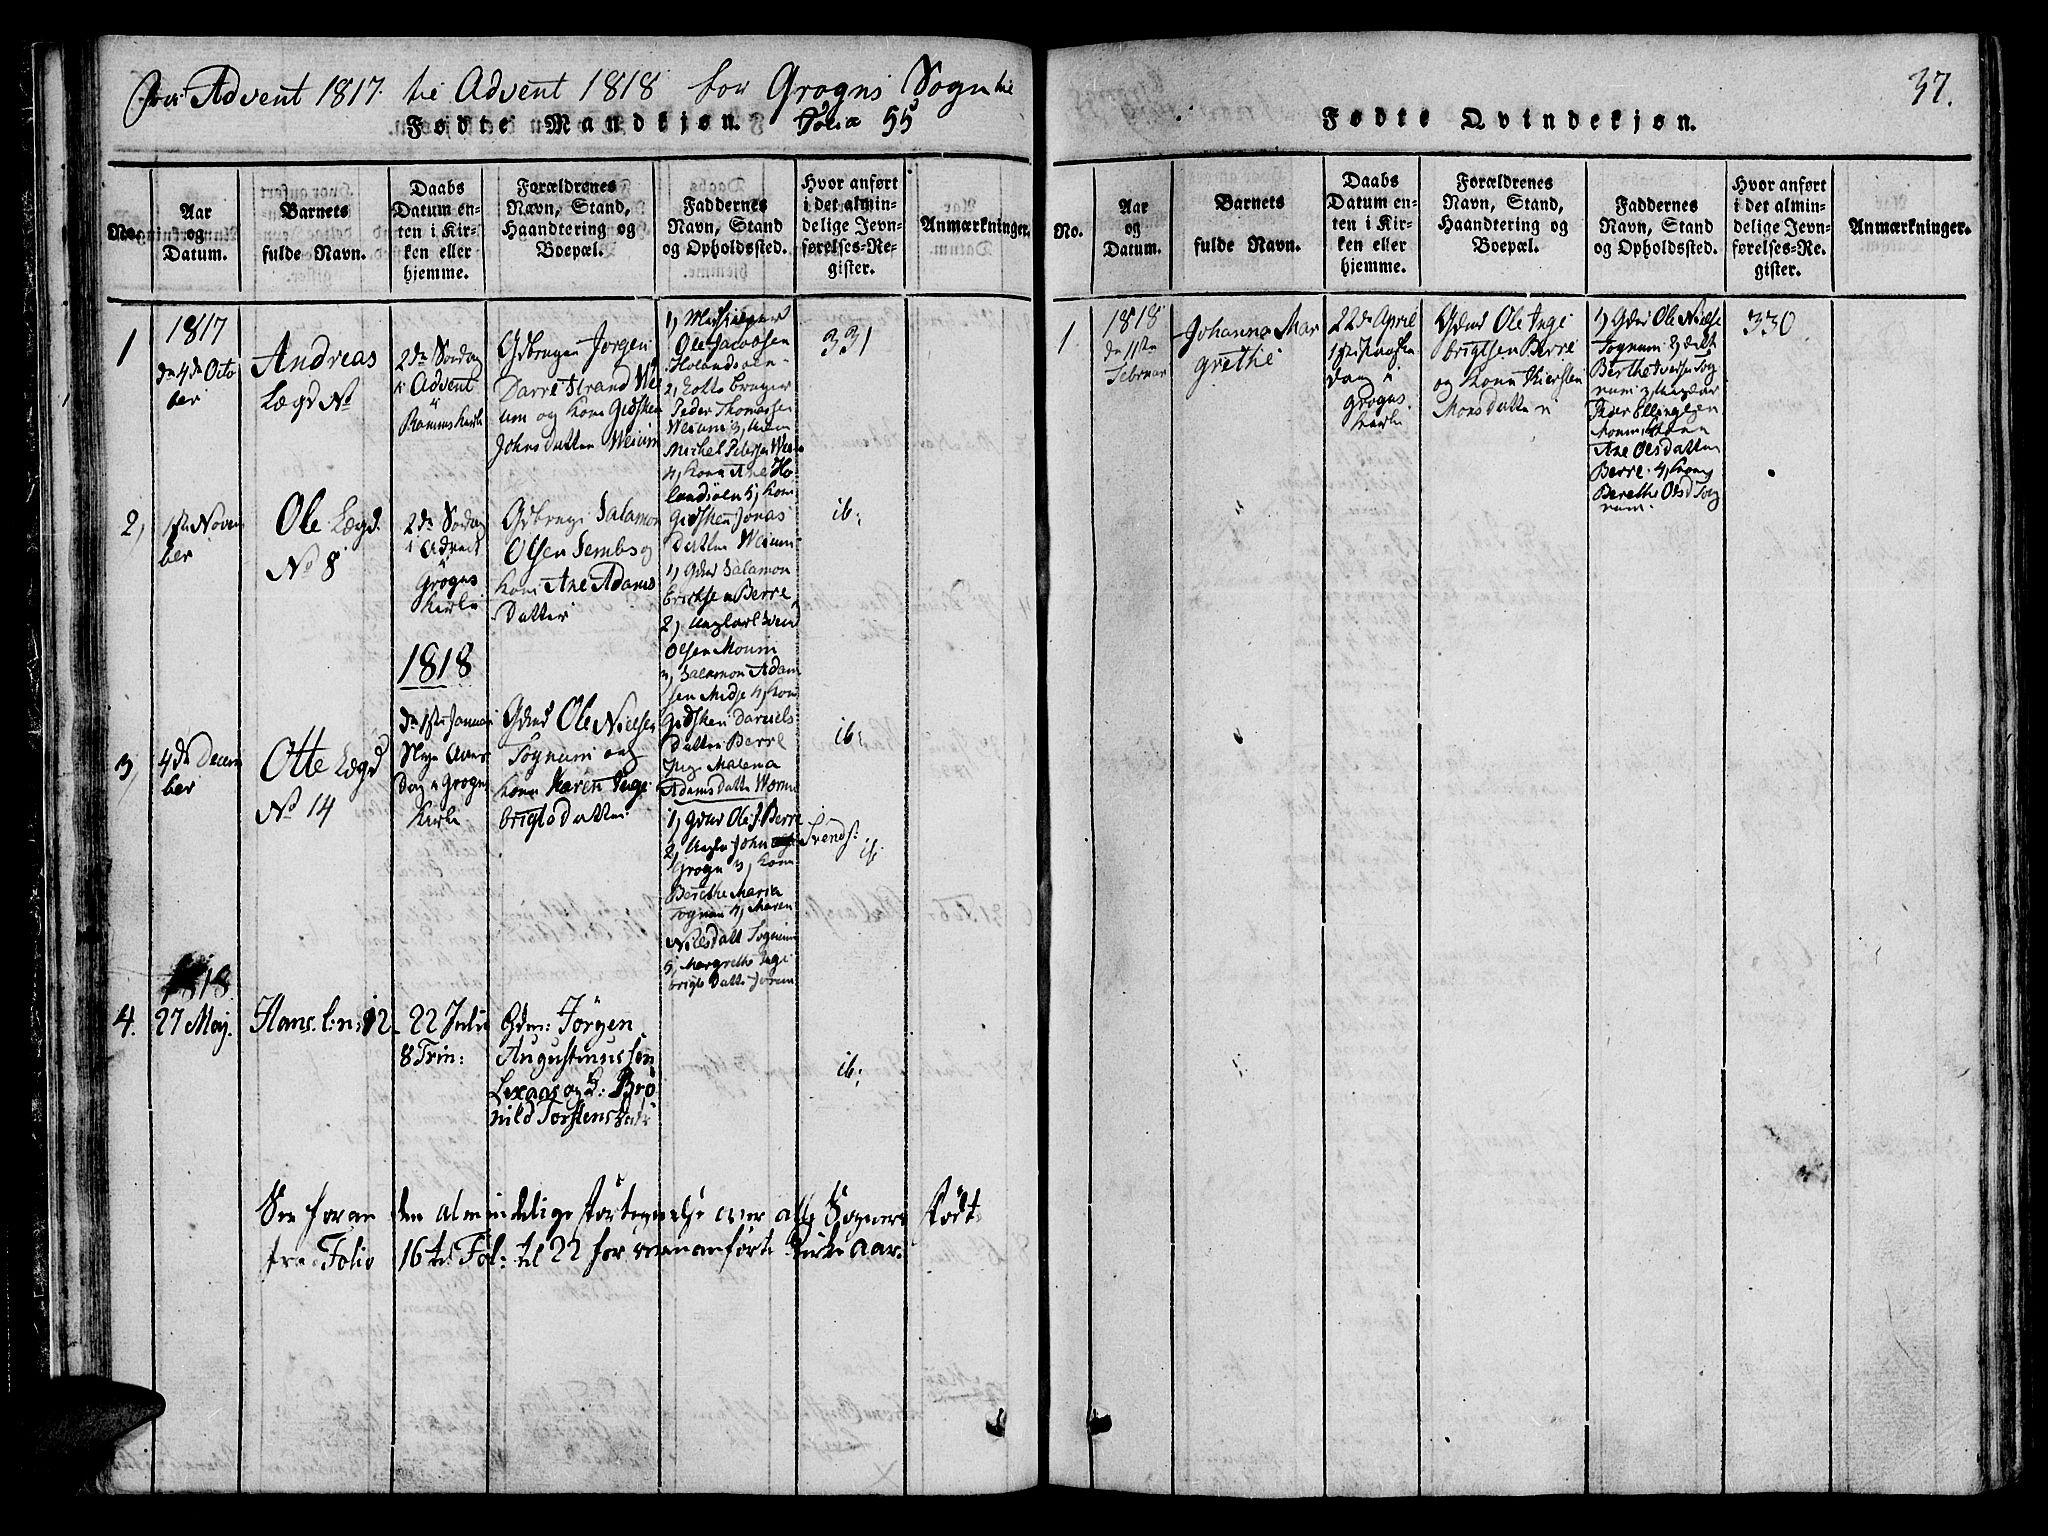 SAT, Ministerialprotokoller, klokkerbøker og fødselsregistre - Nord-Trøndelag, 764/L0546: Ministerialbok nr. 764A06 /2, 1817-1822, s. 37